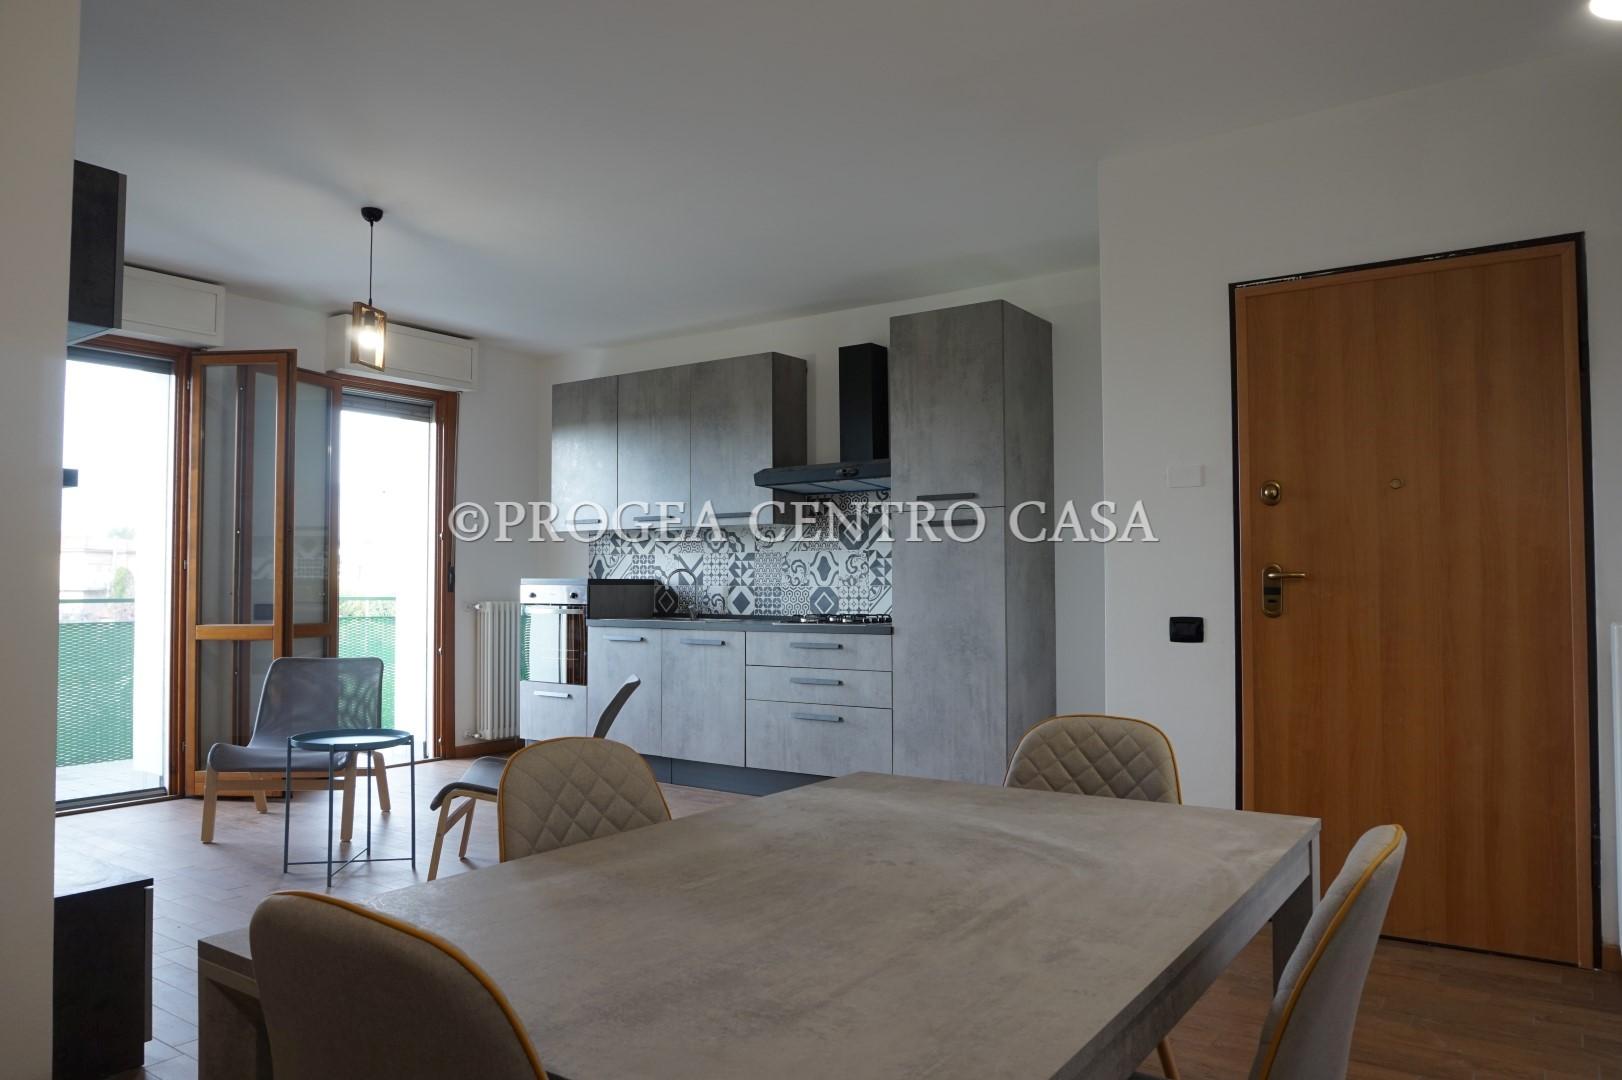 Bilocale in affitto ad Albano Sant'Alessandro